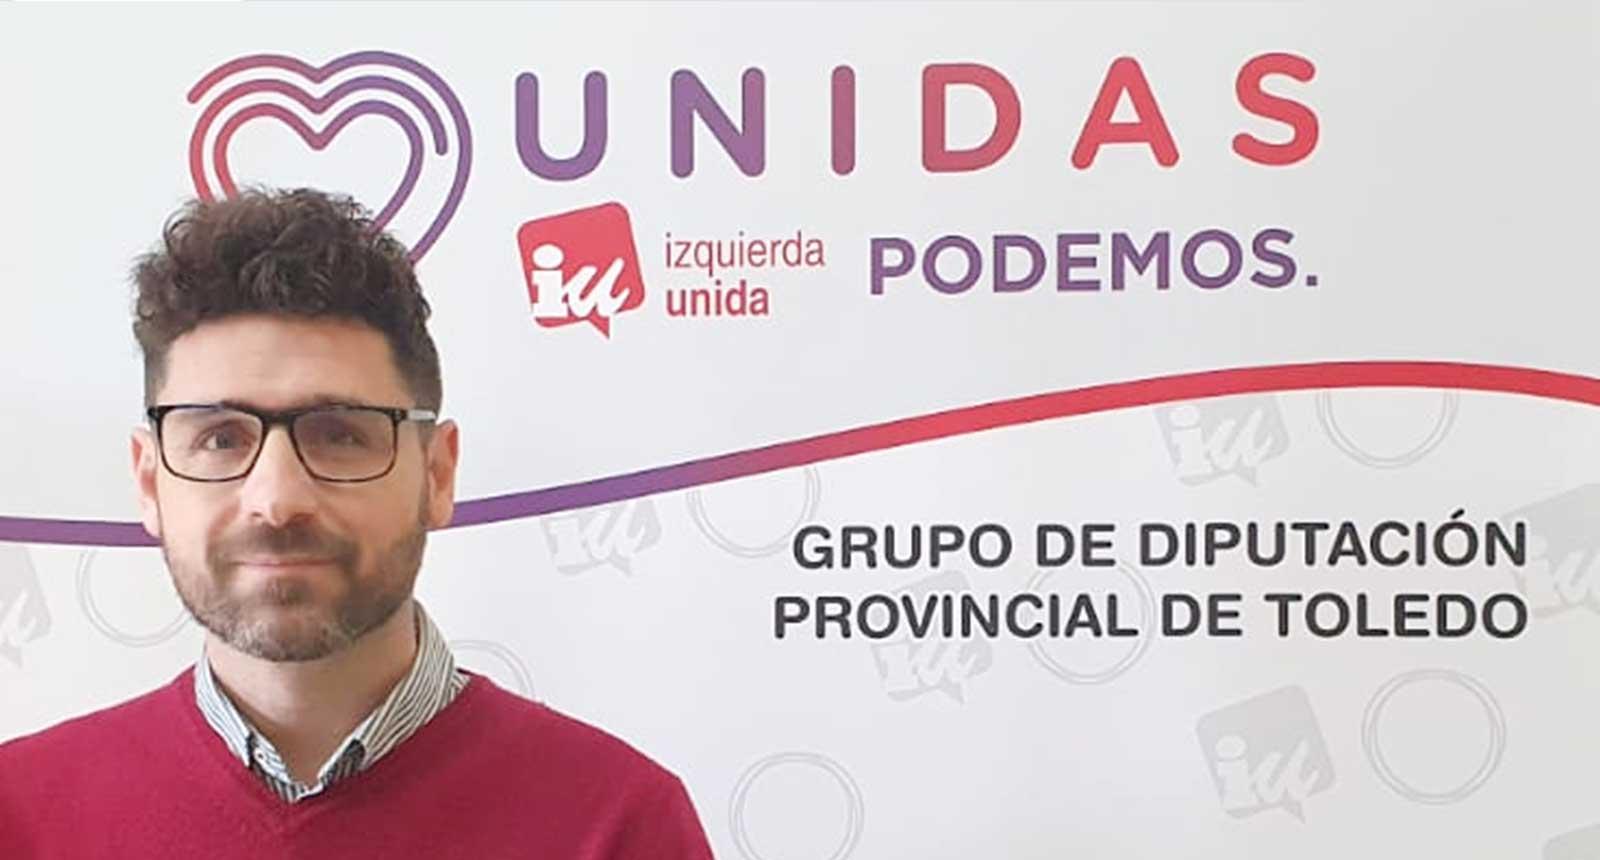 Unidas Izquierda Unida Podemos, propone a la Diputación de Toledo, la creación de asistencia técnica específica en materia del ciclo integral del agua.